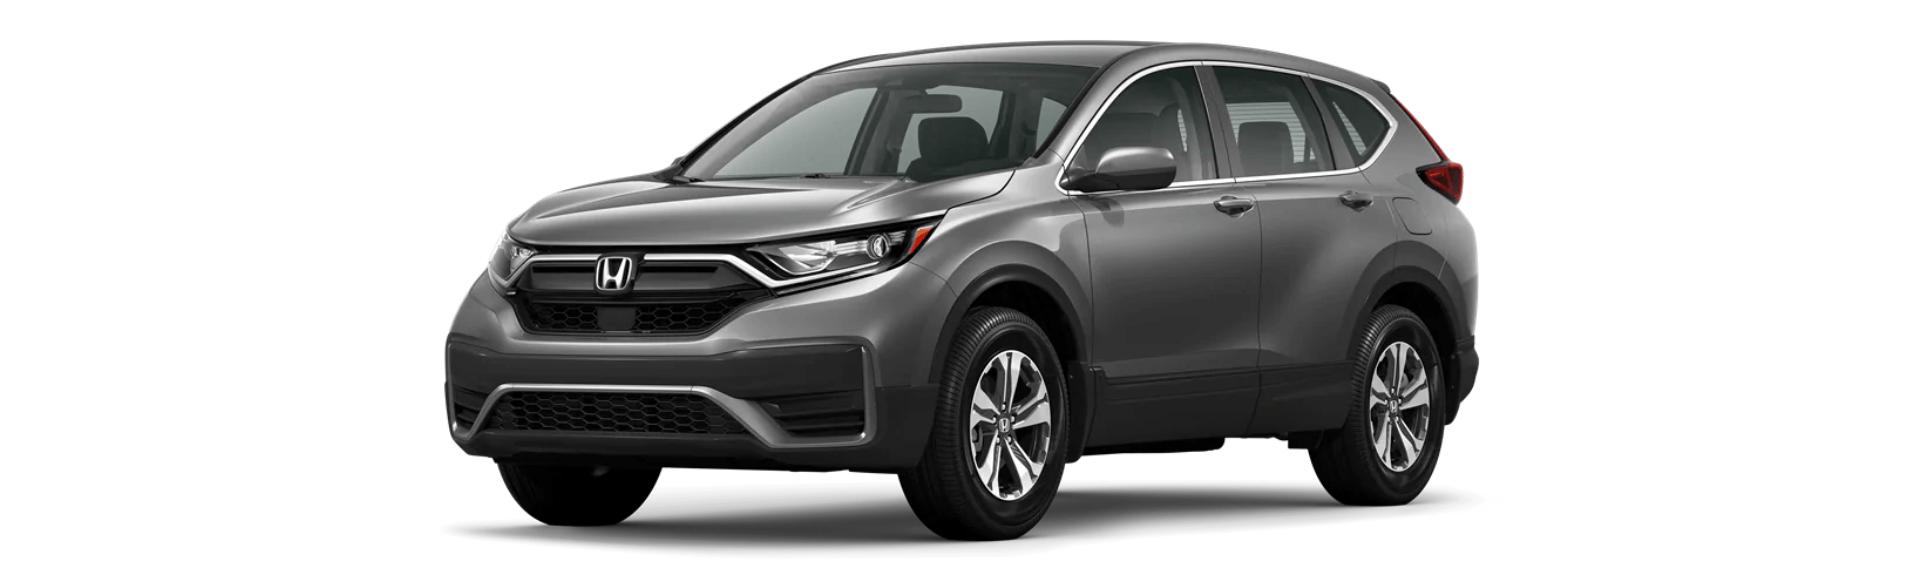 2020 Honda CR-V LX header